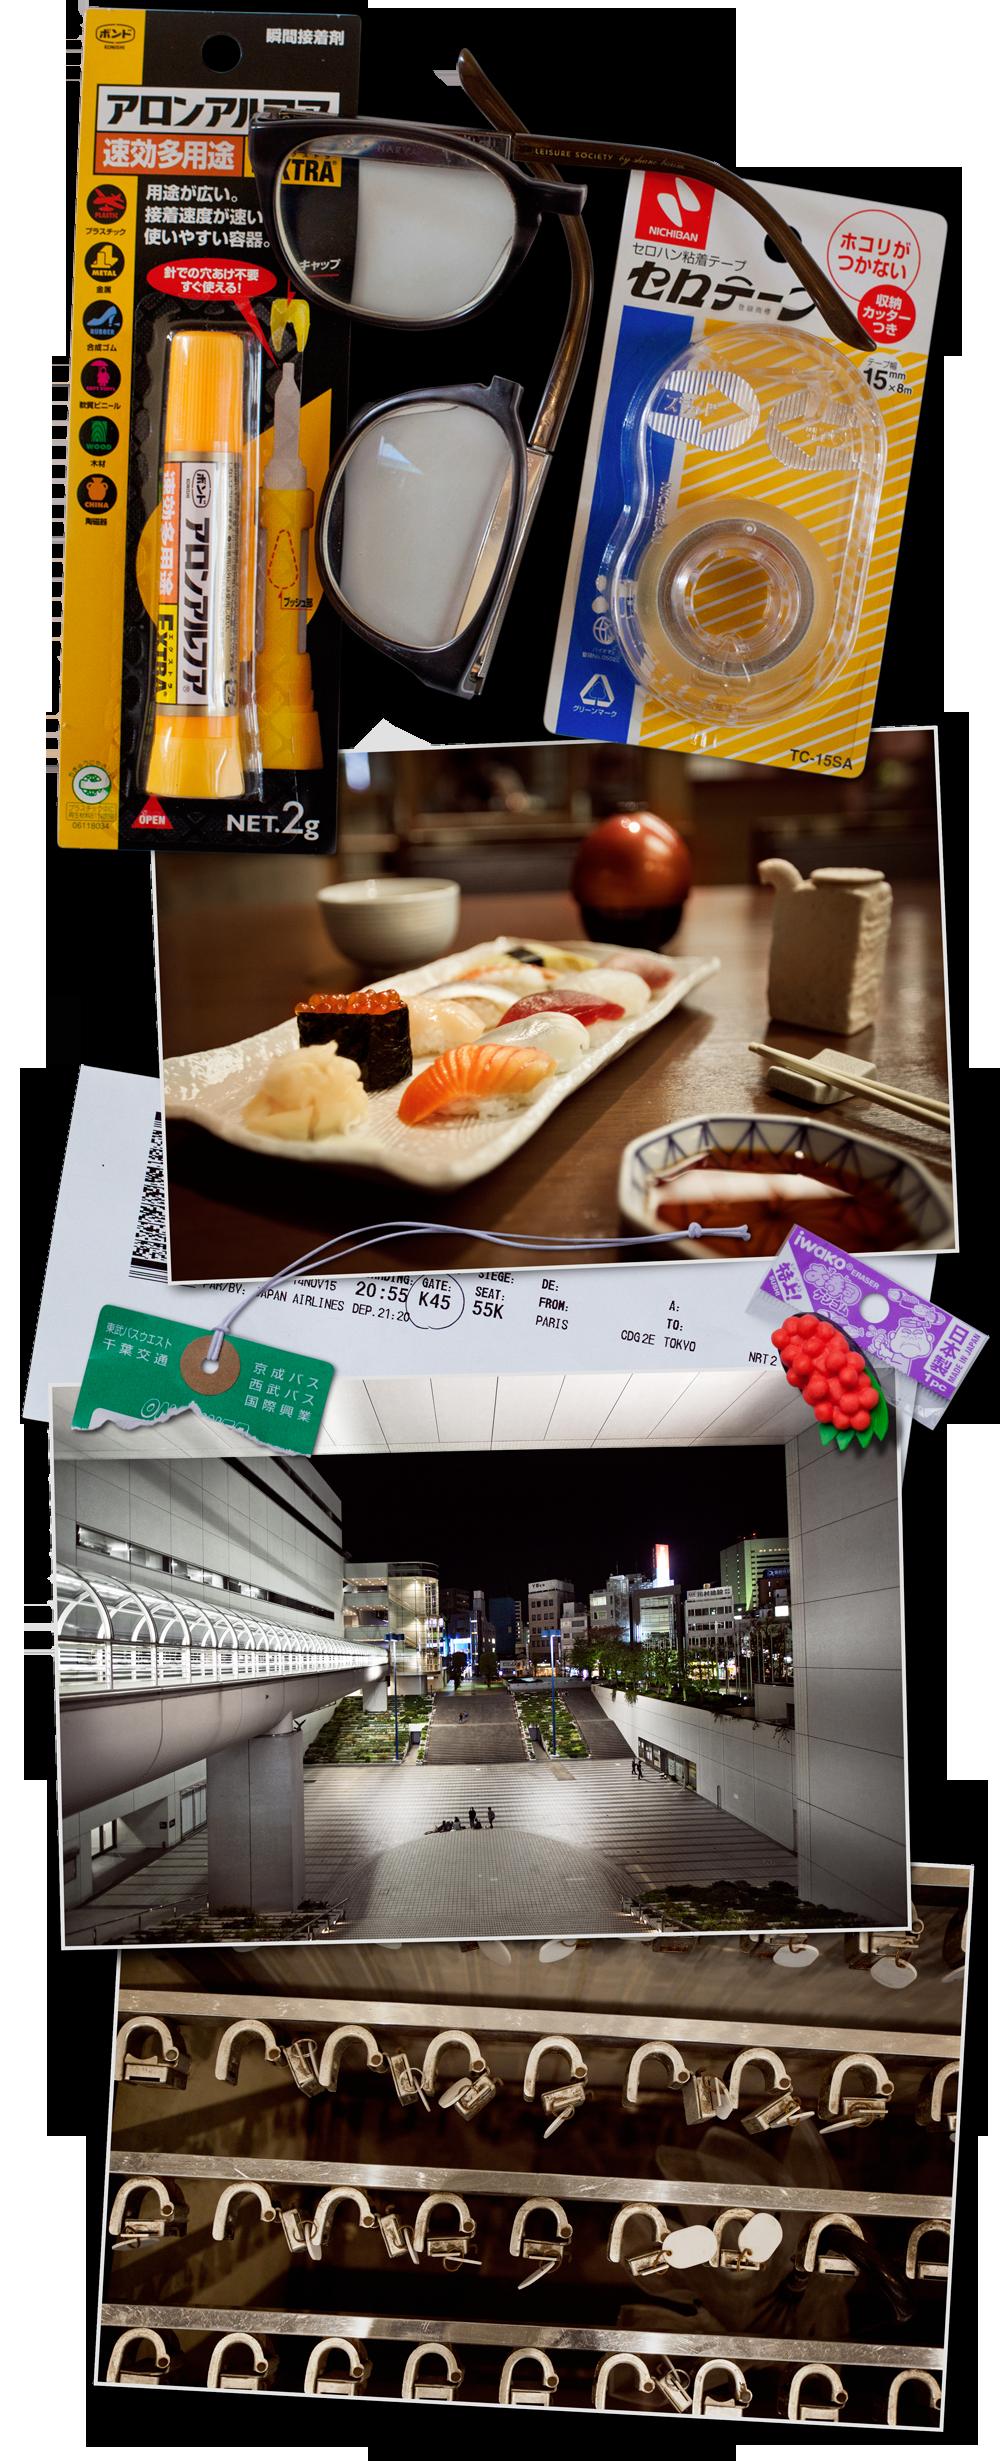 01_japon_001_omiya_arrivee